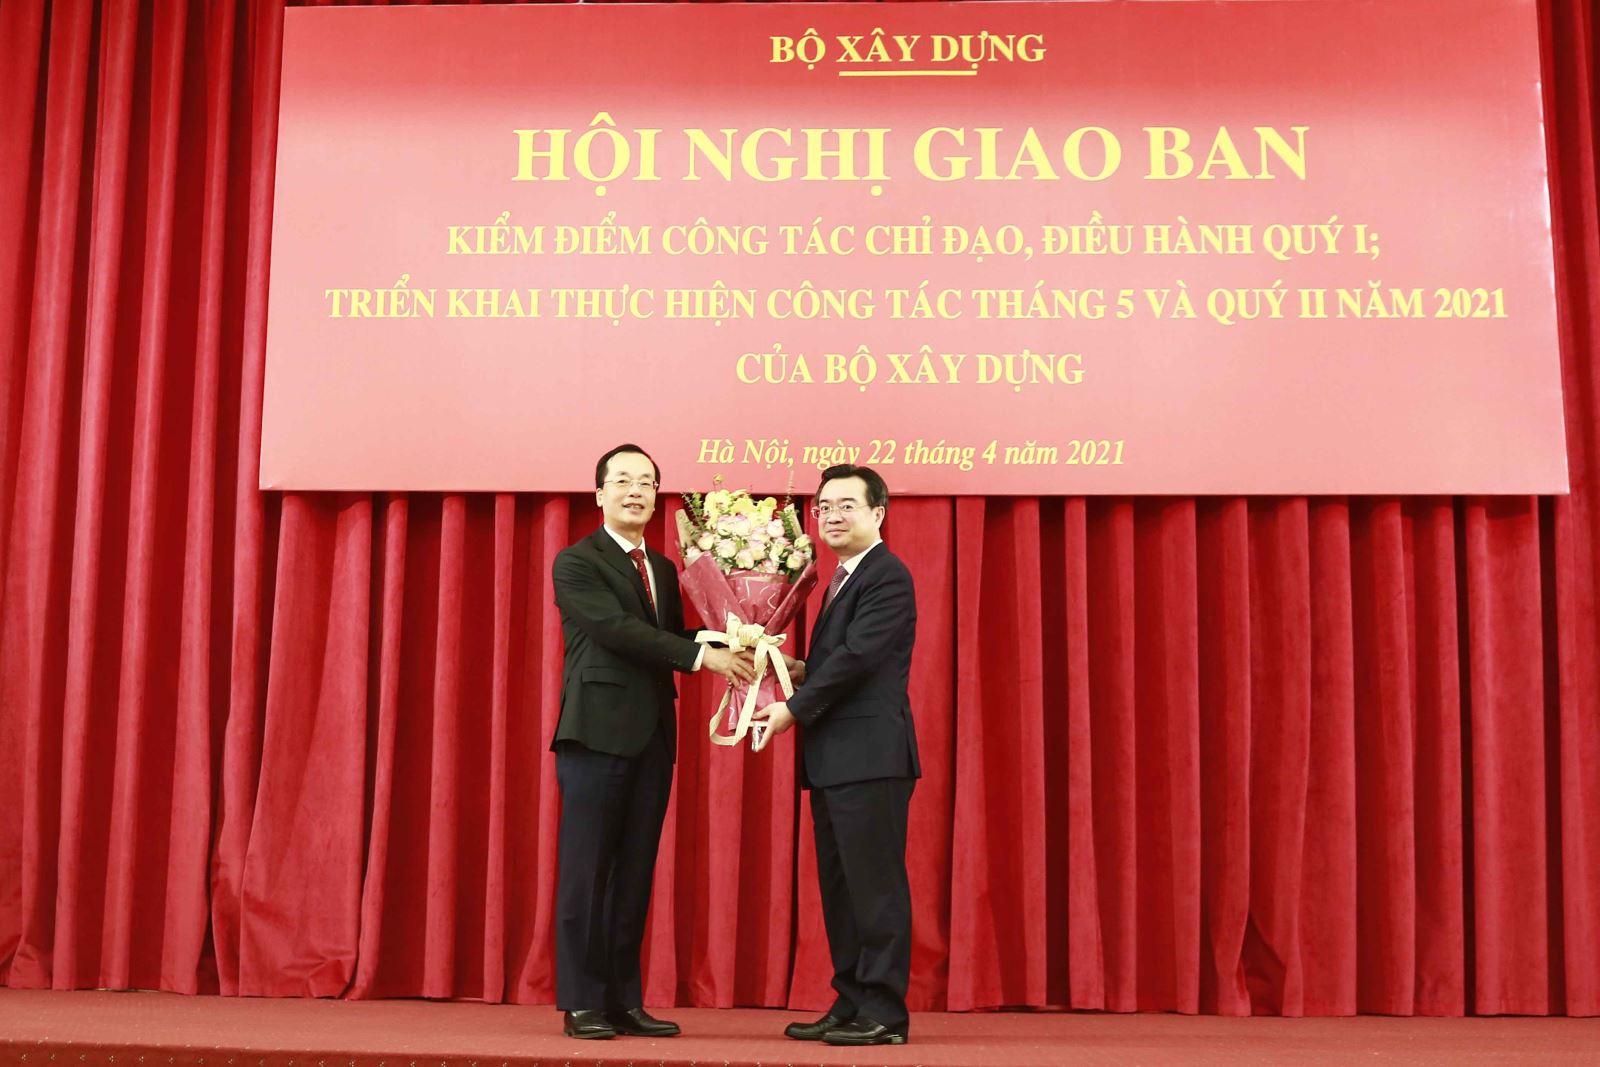 Bộ trưởng Nguyễn Thanh Nghị tặng hoa tri ân nguyên Bộ trưởng Phạm Hồng Hà